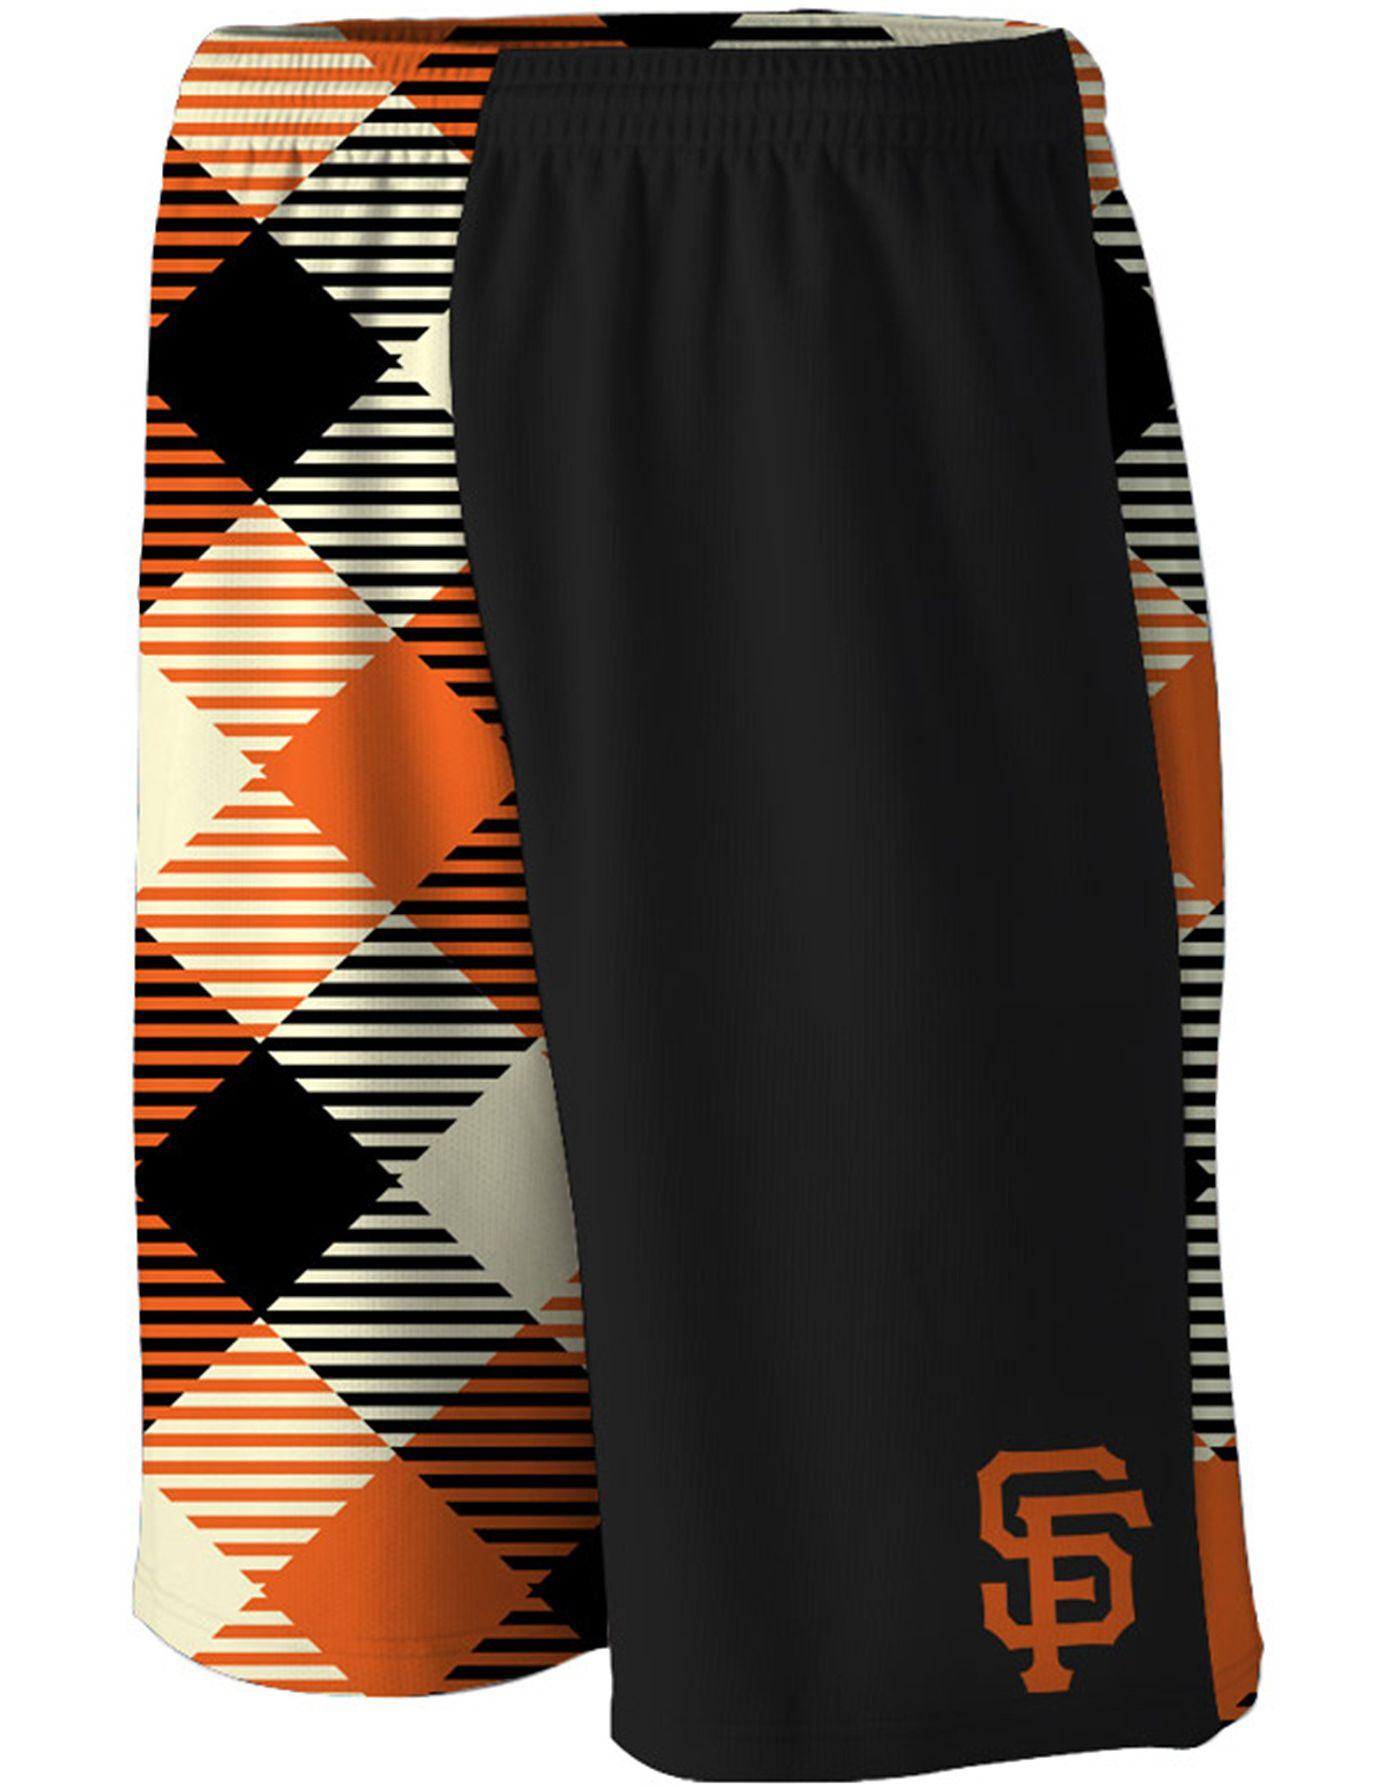 Loudmouth Men's San Francisco Giants Gym Shorts